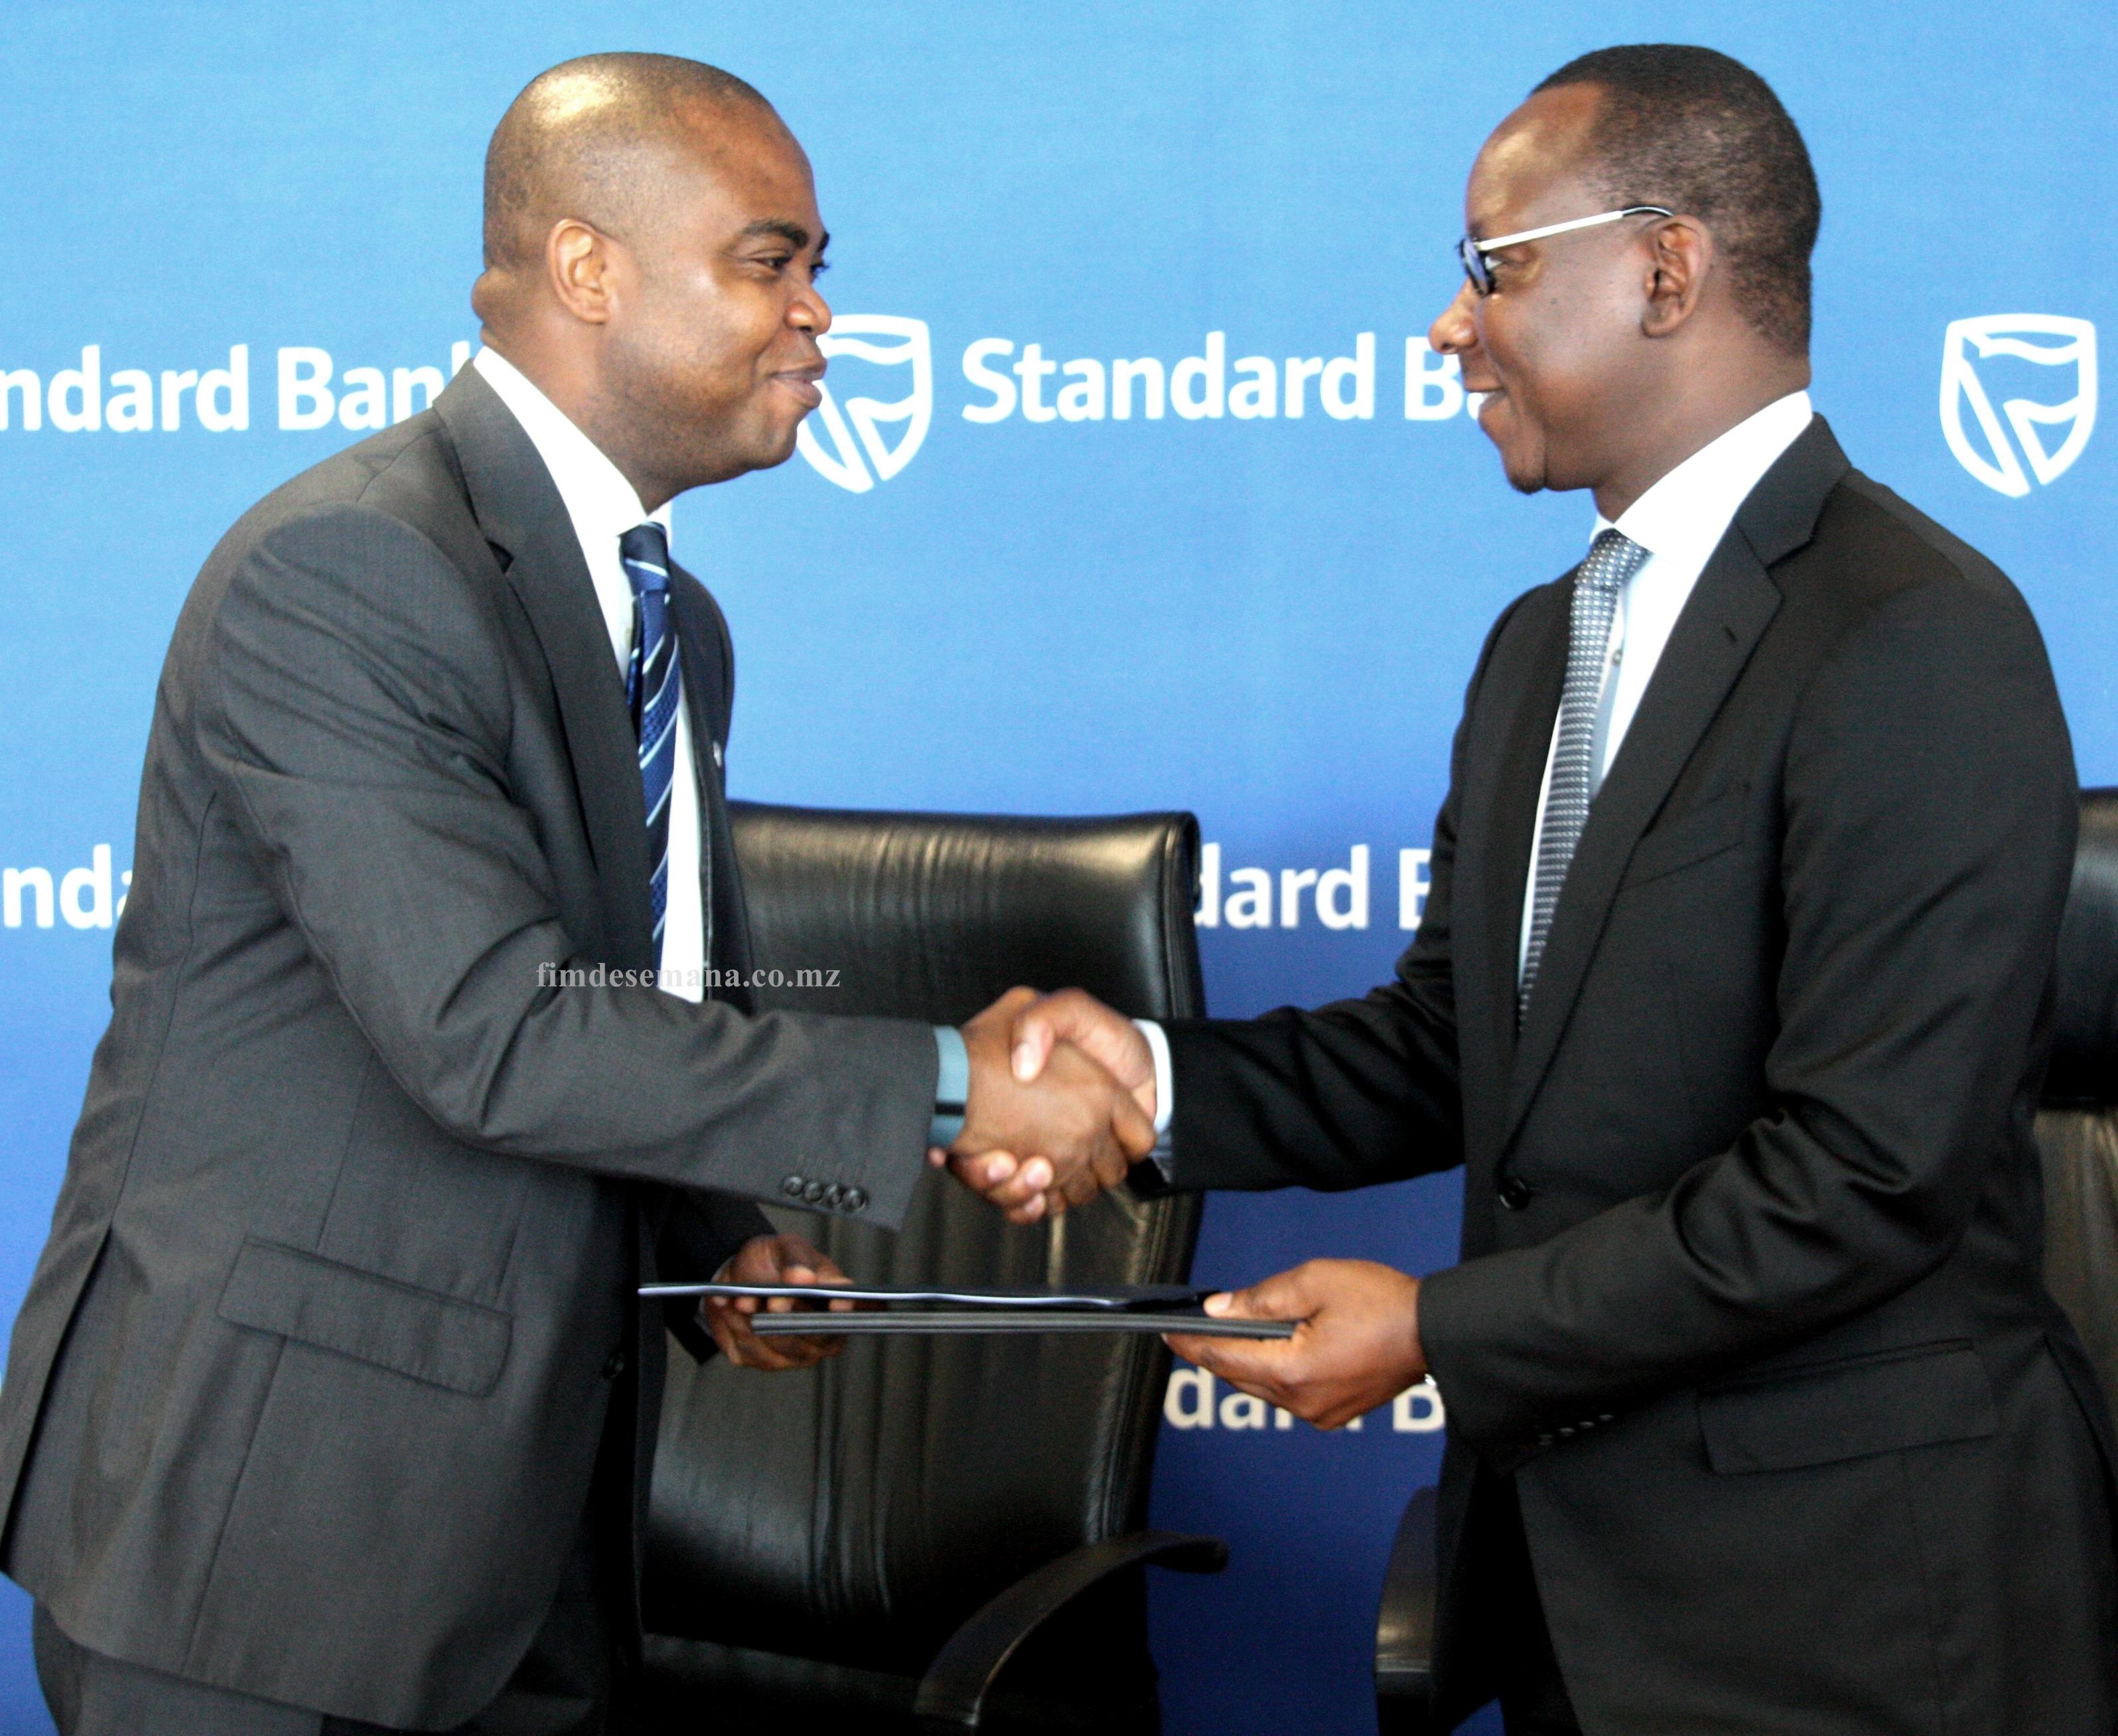 Troca de pastas após a assinatura do Memorando de Entedimento entre Standard Bank e S Live